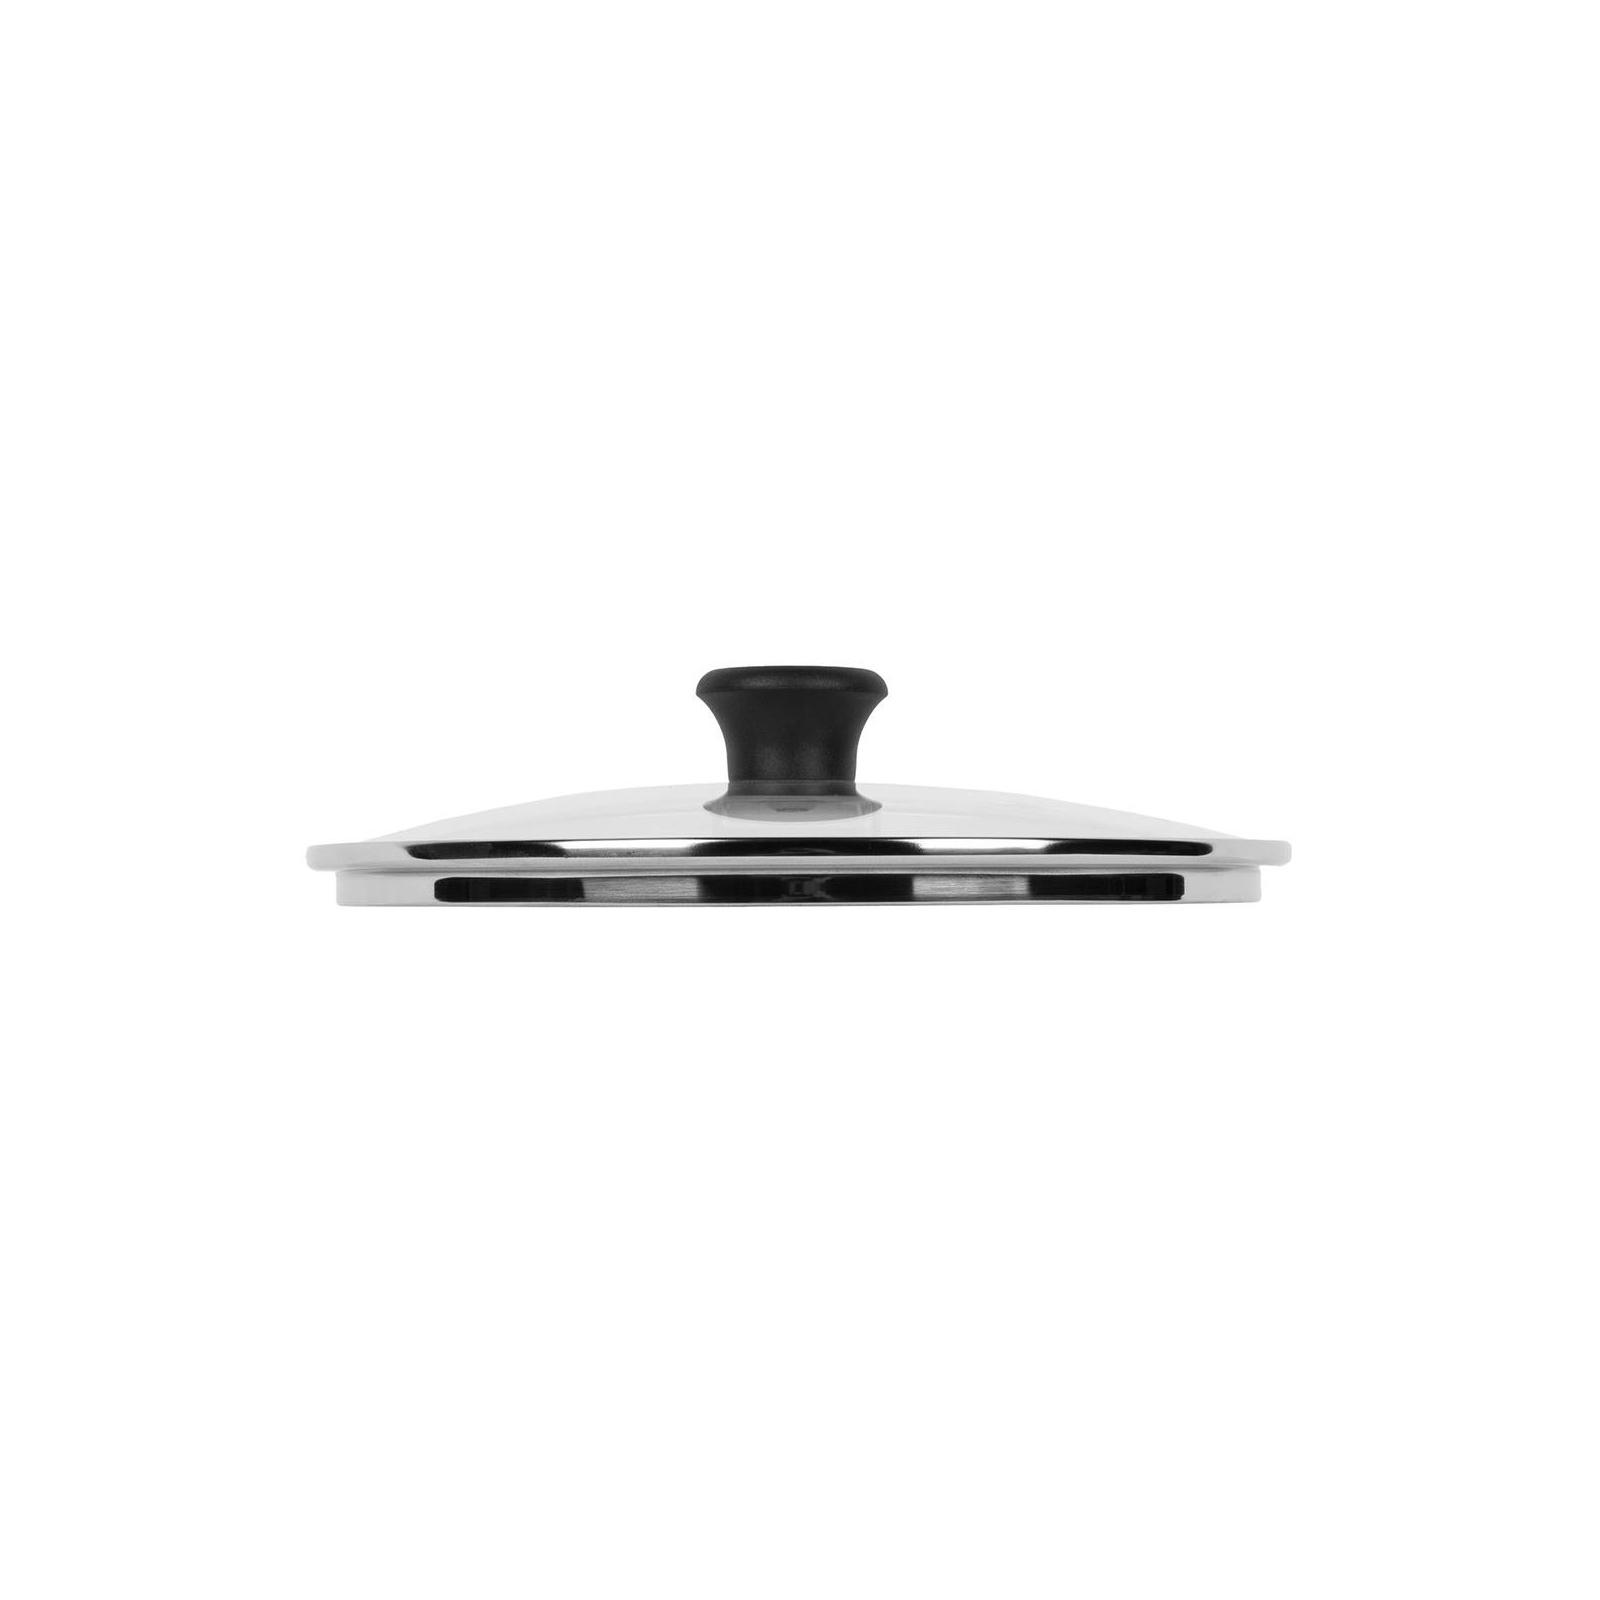 Крышка для посуды Tefal Glass bulbous 24 см (28097512) изображение 3